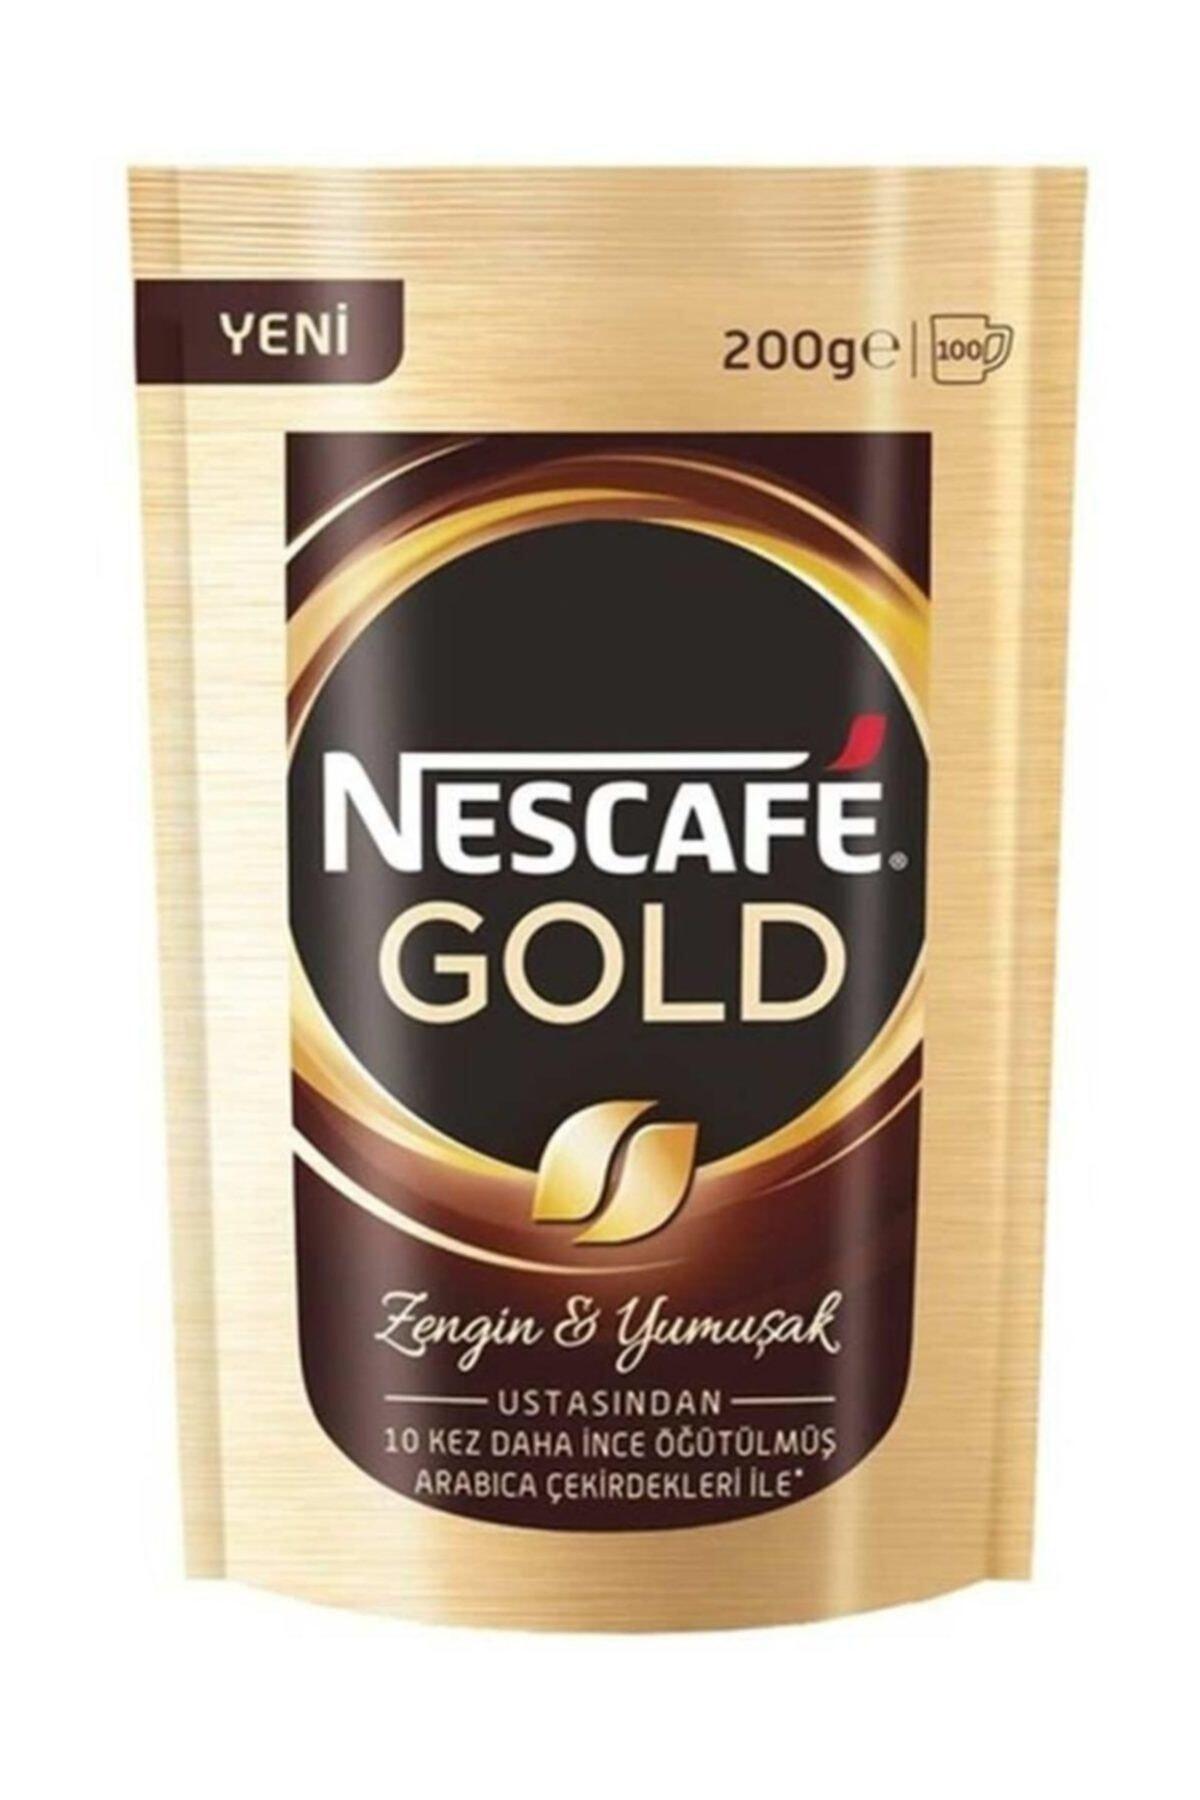 Nescafe Gold Poşet Kahve 200 gr 1